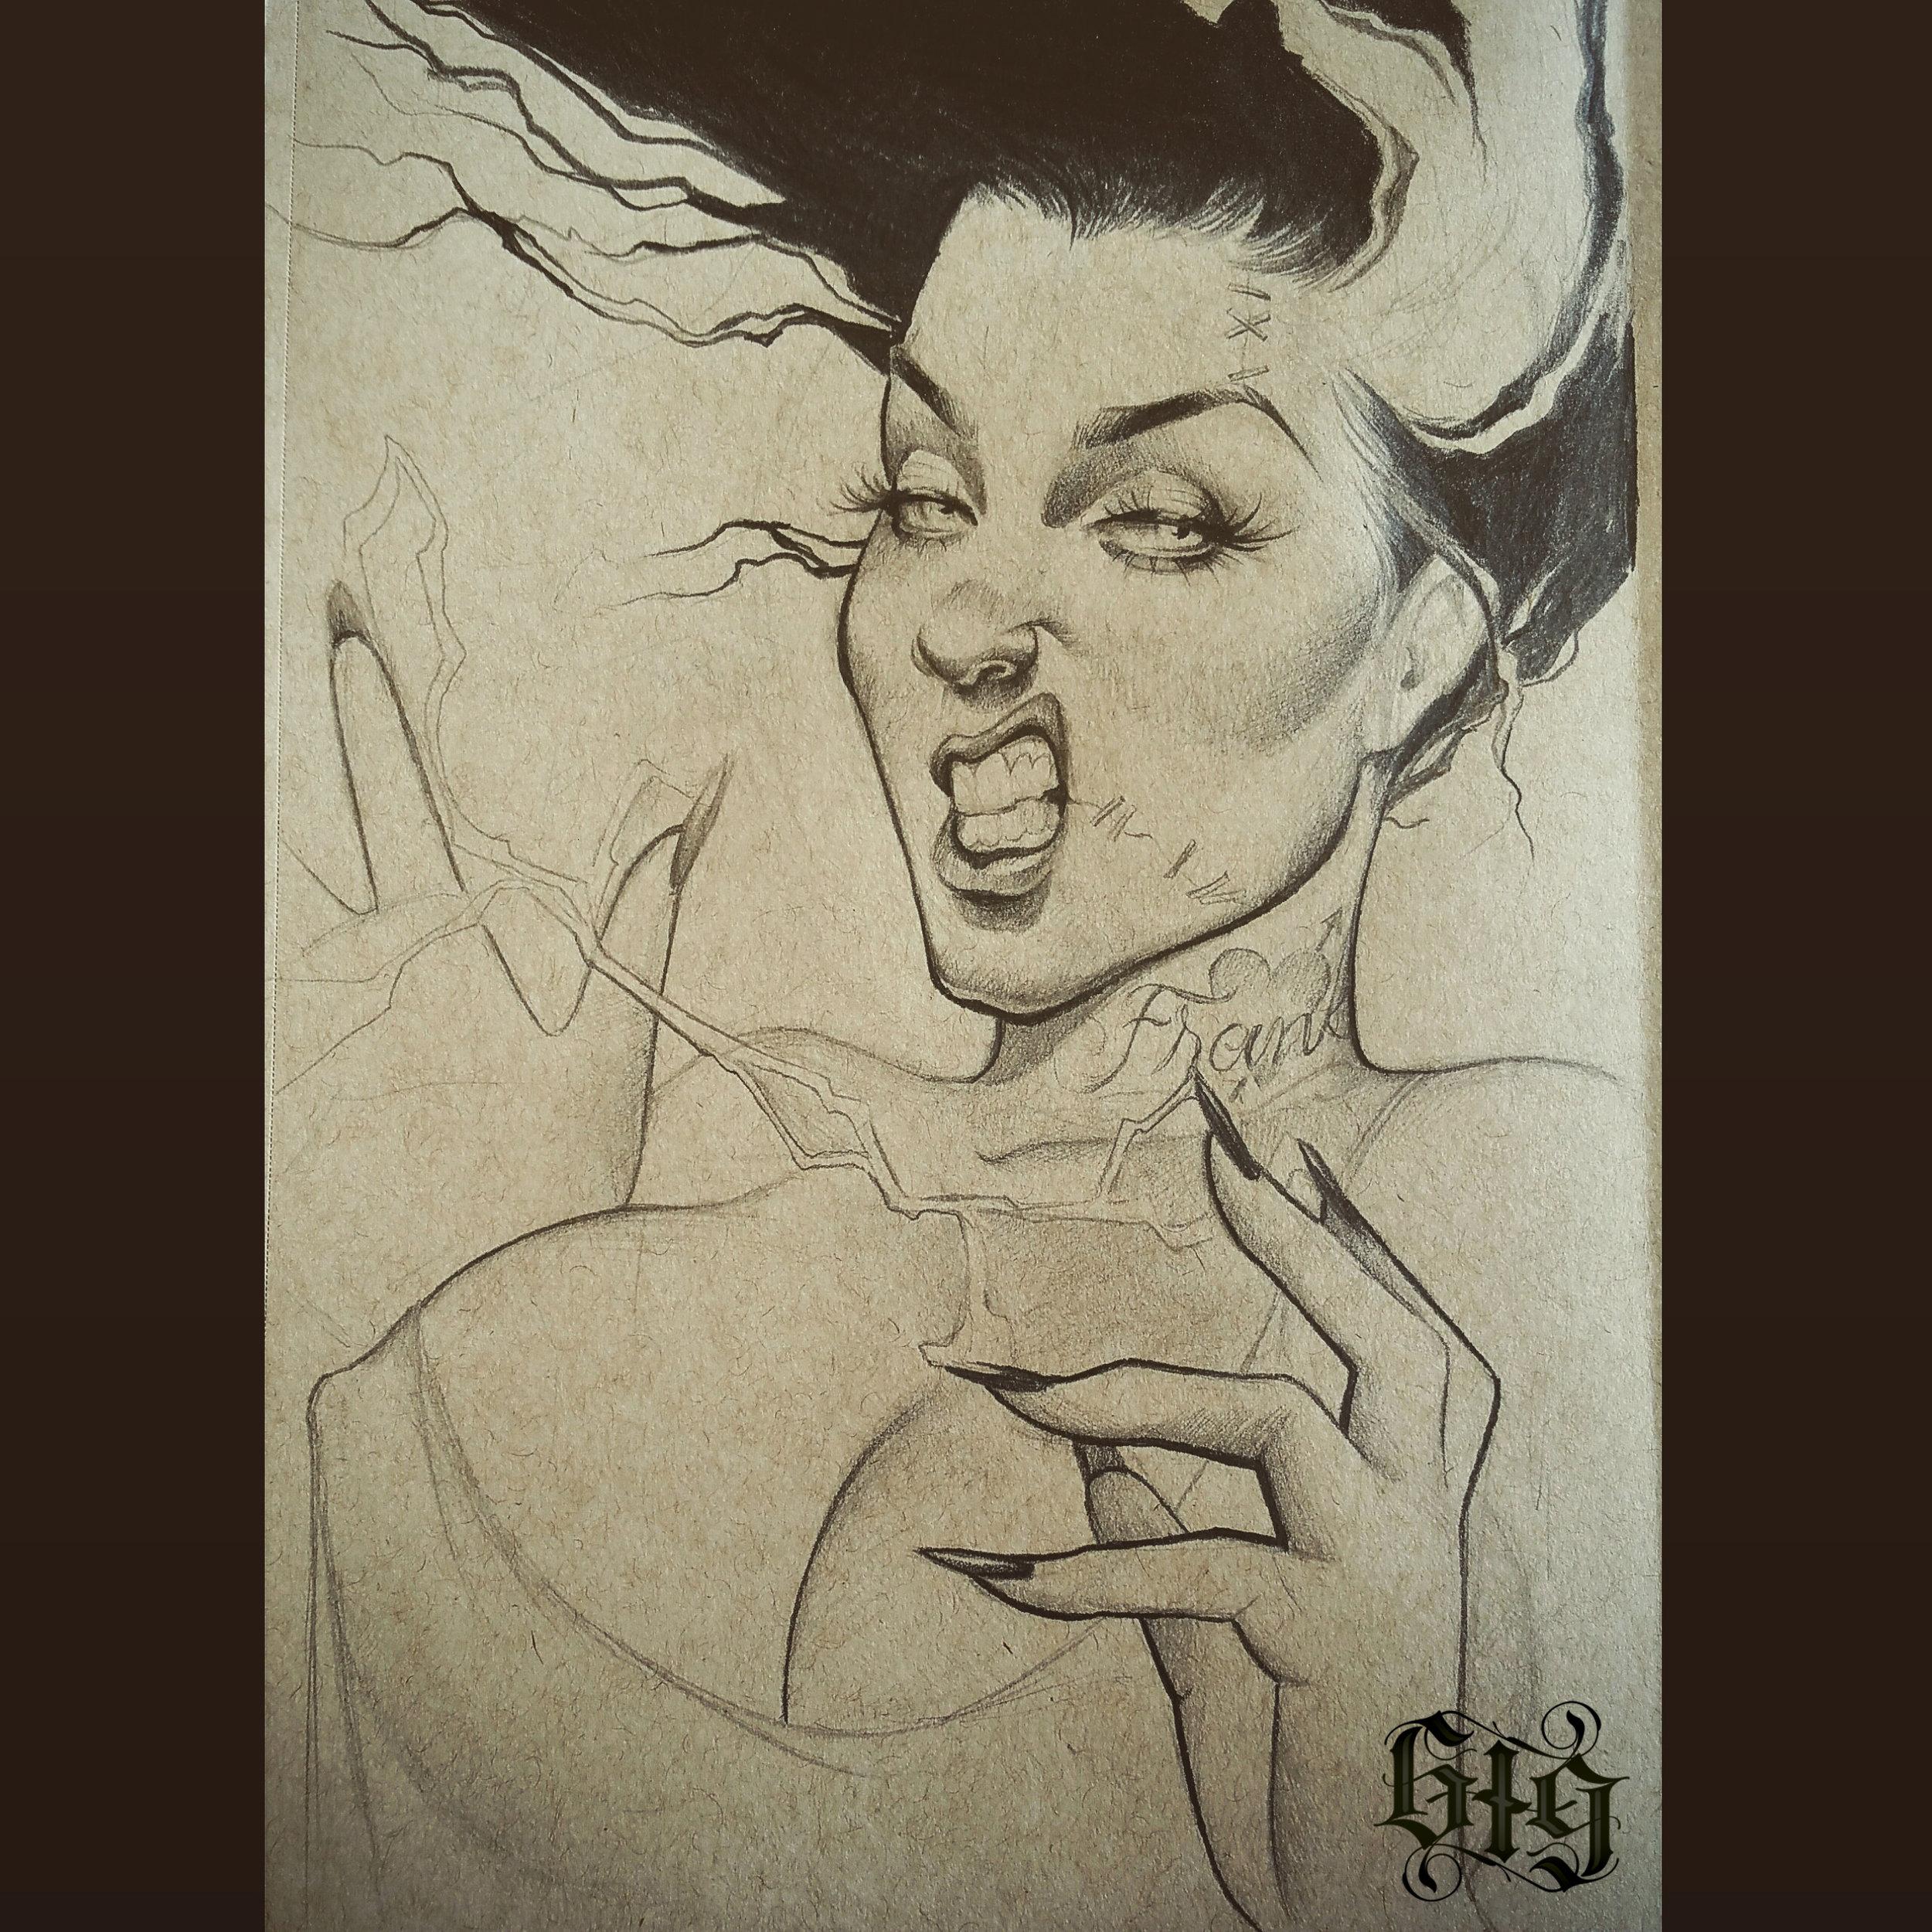 Bride of Frankenstein in fine detail pencil. Original Artwork